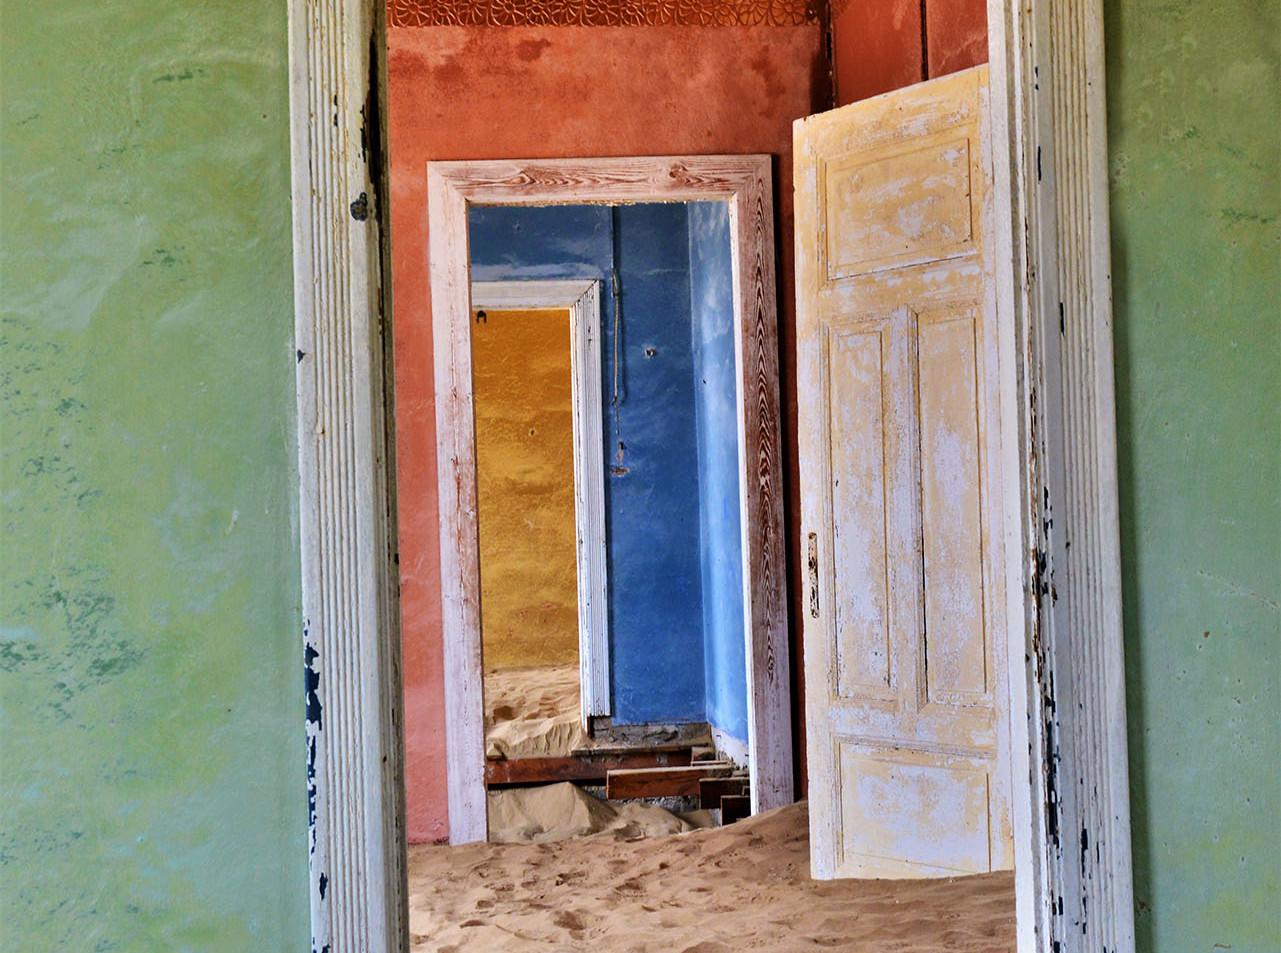 Kolmmanskop, Namibia